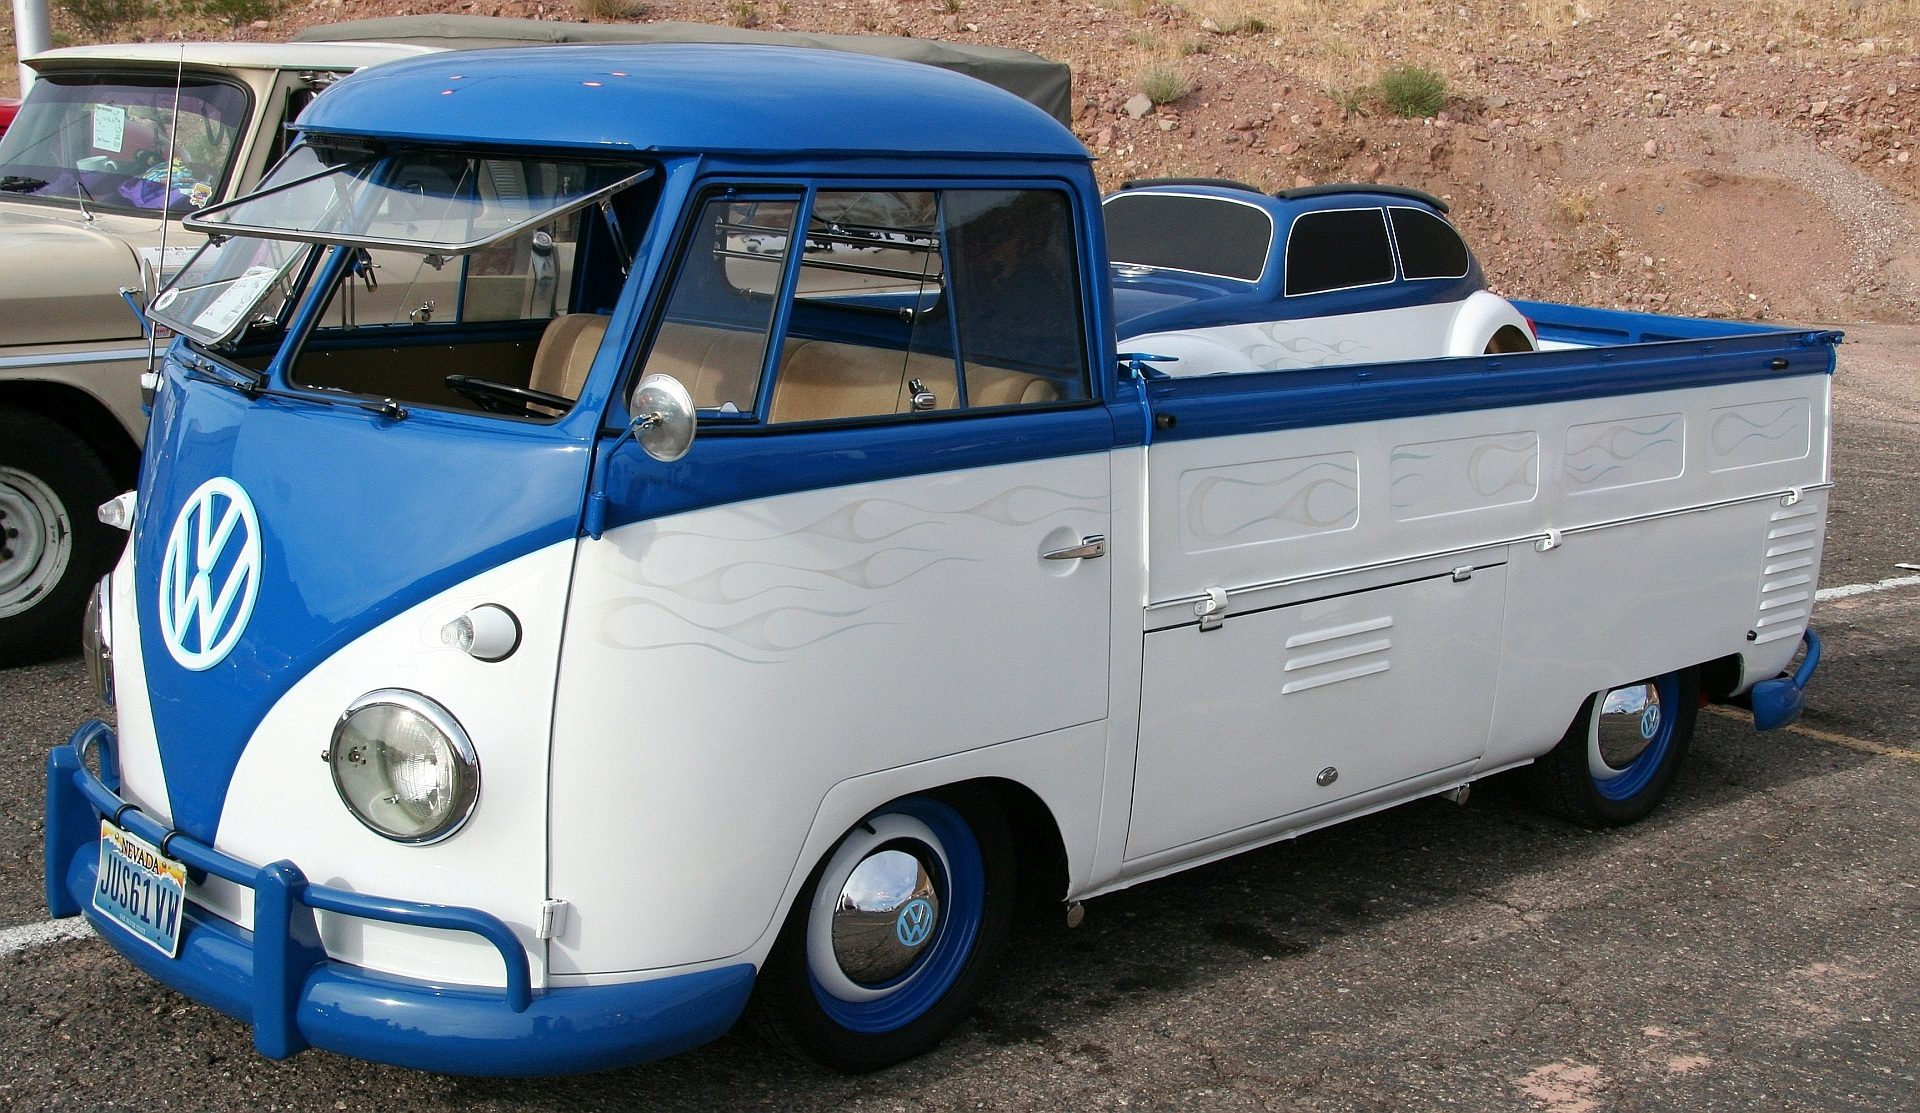 αυτοκίνητο, Van, Κλασικό, παλιά, παλιάς χρονολογίας - Wallpapers HD - Professor-falken.com